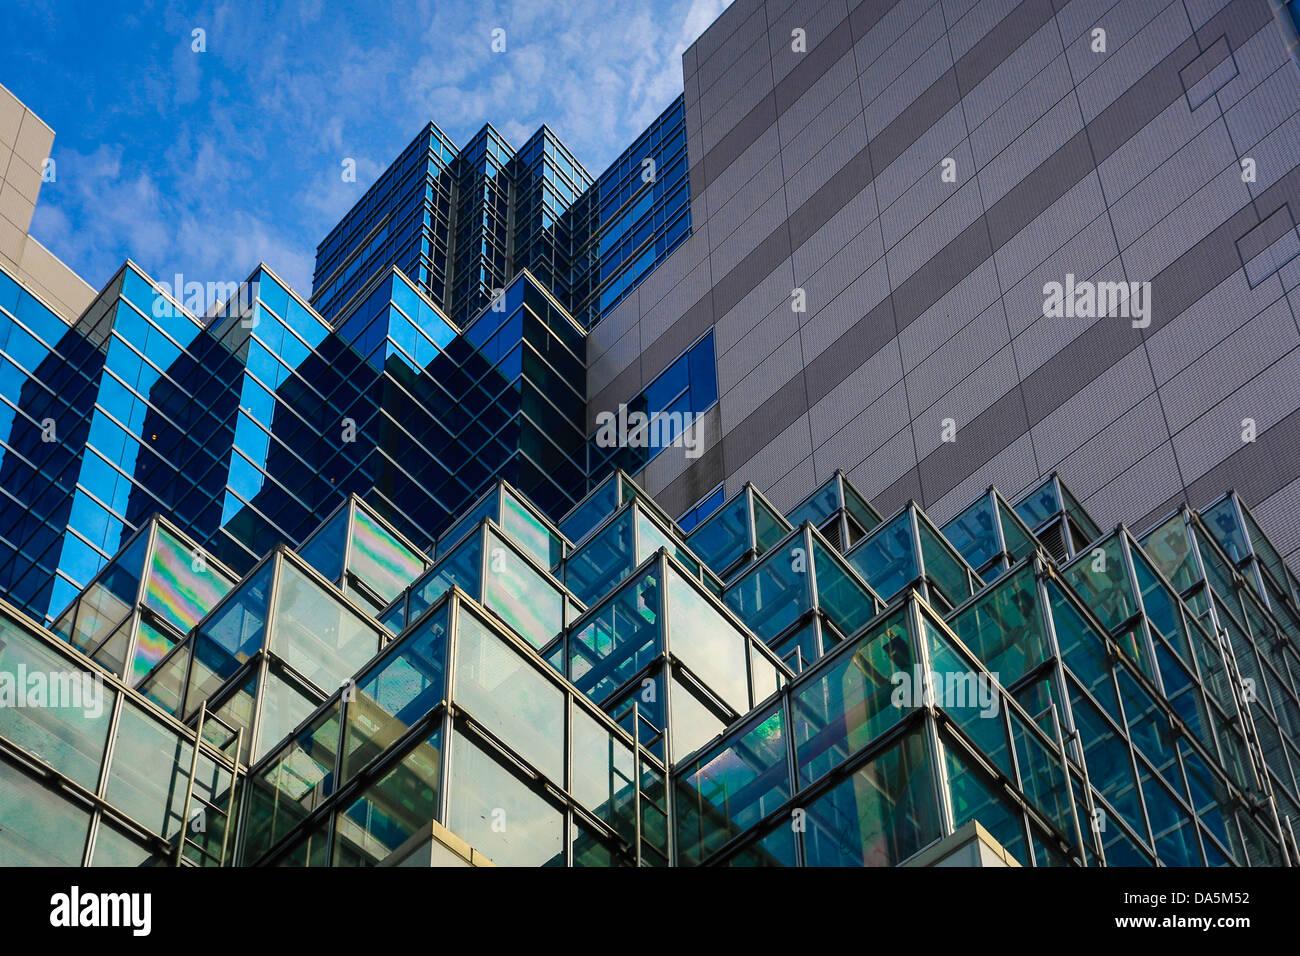 Giappone, Asia, Tokyo, Città, Ikebukuro, distretto, dettaglio, architettura, costruzione, vetro, Ikebukuro, Immagini Stock